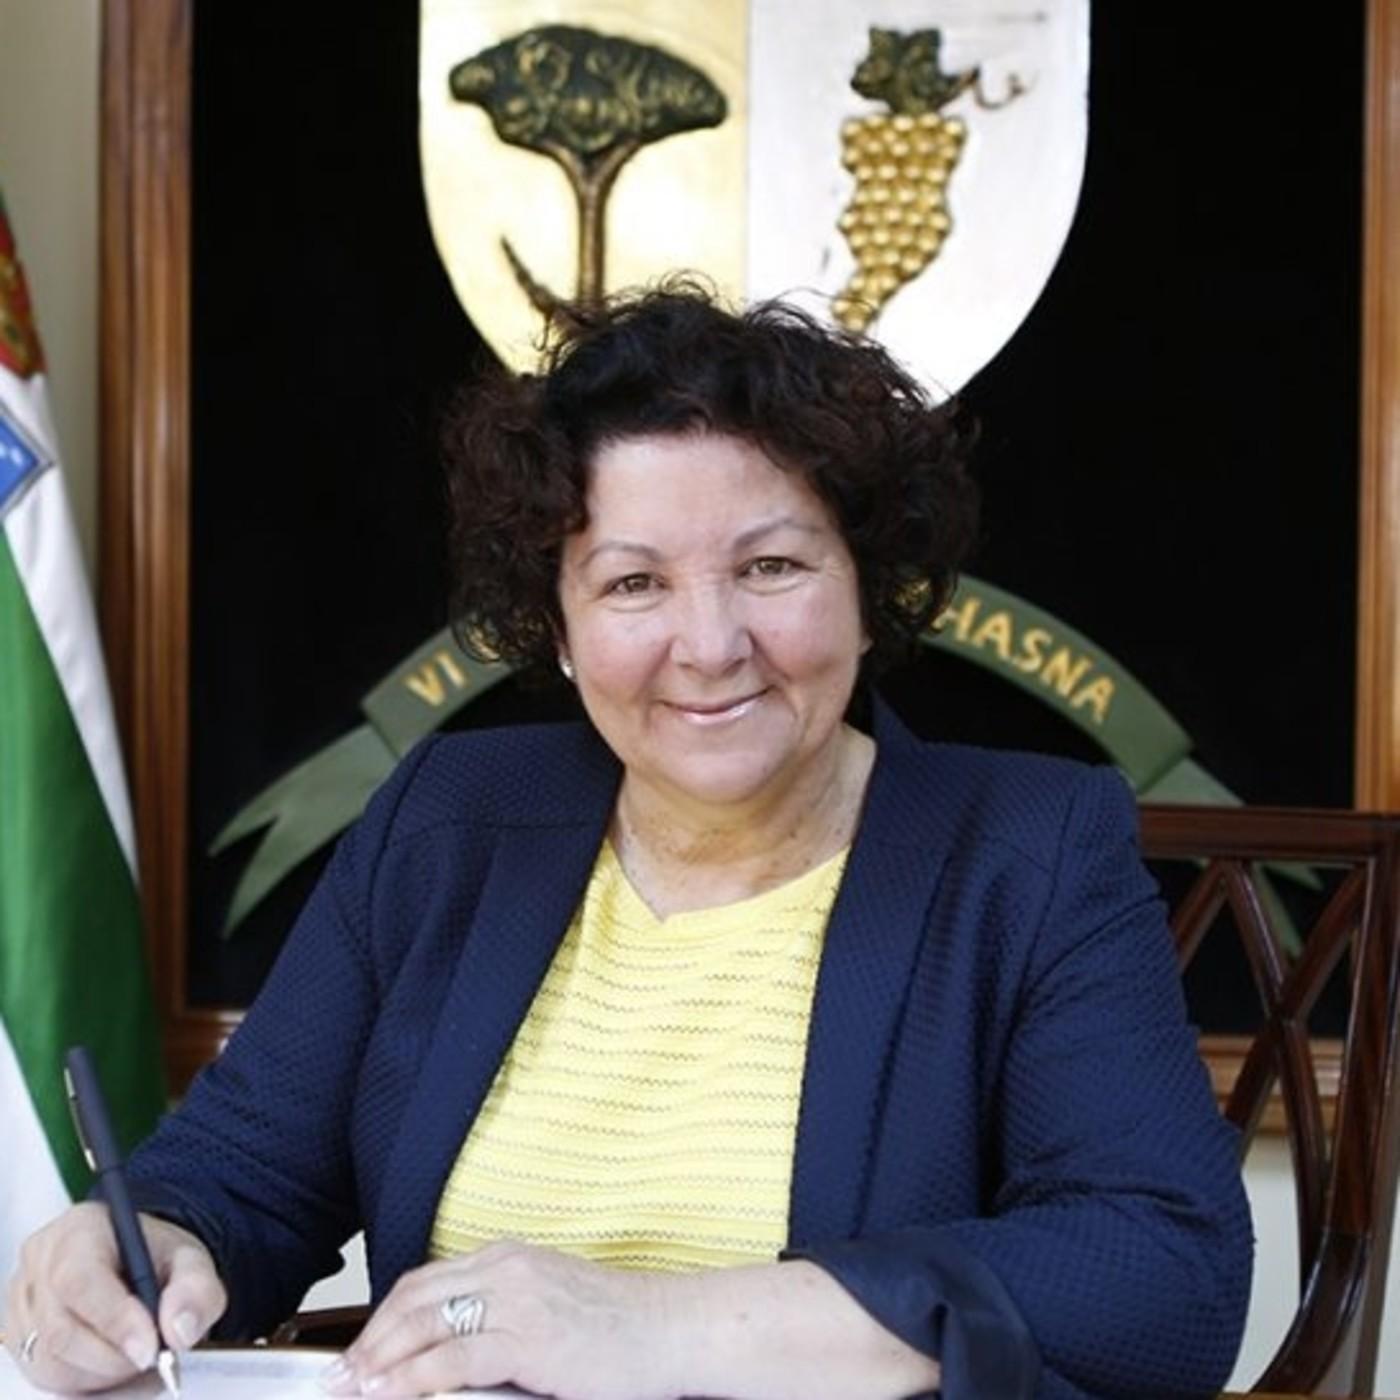 Agustina Beltrán Yanes, Alcaldesa de Vilaflor de Chasna